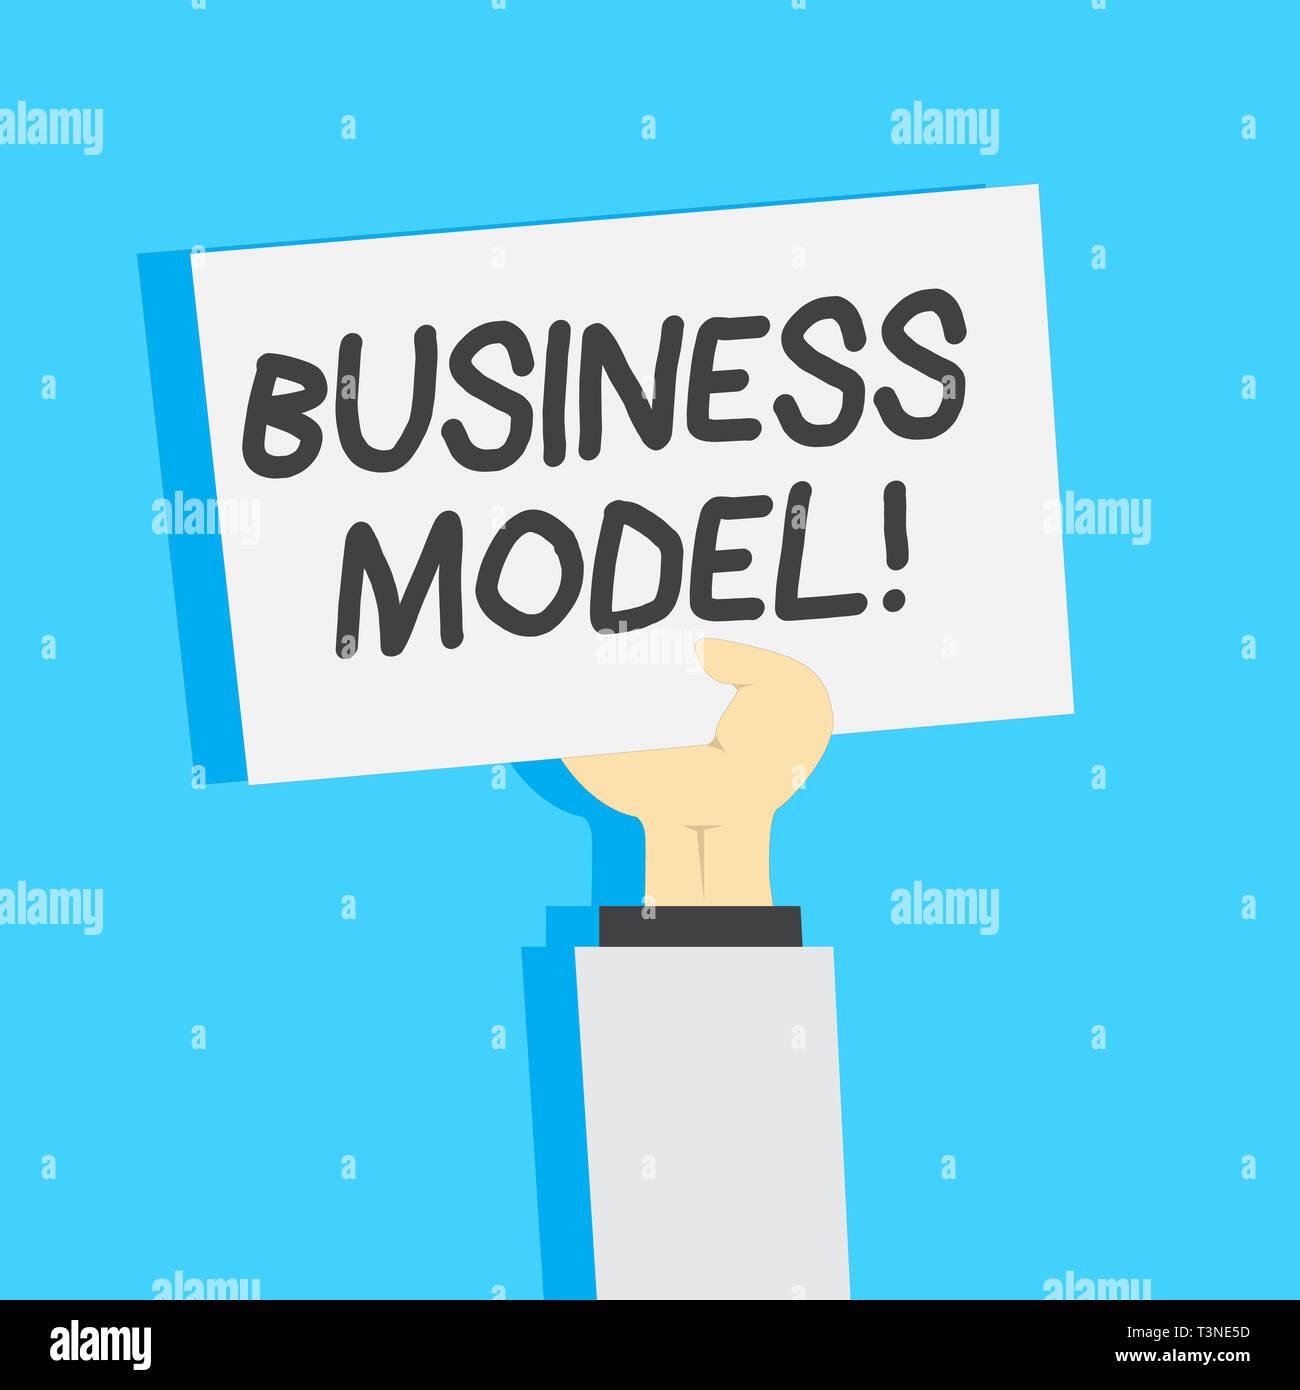 Texte de l'écriture l'écriture Modèle d'affaires. Photo plan conceptuel pour la réussite de l'opération d'identification des entreprises de clipart de recettes jusqu'Bla Photo Stock